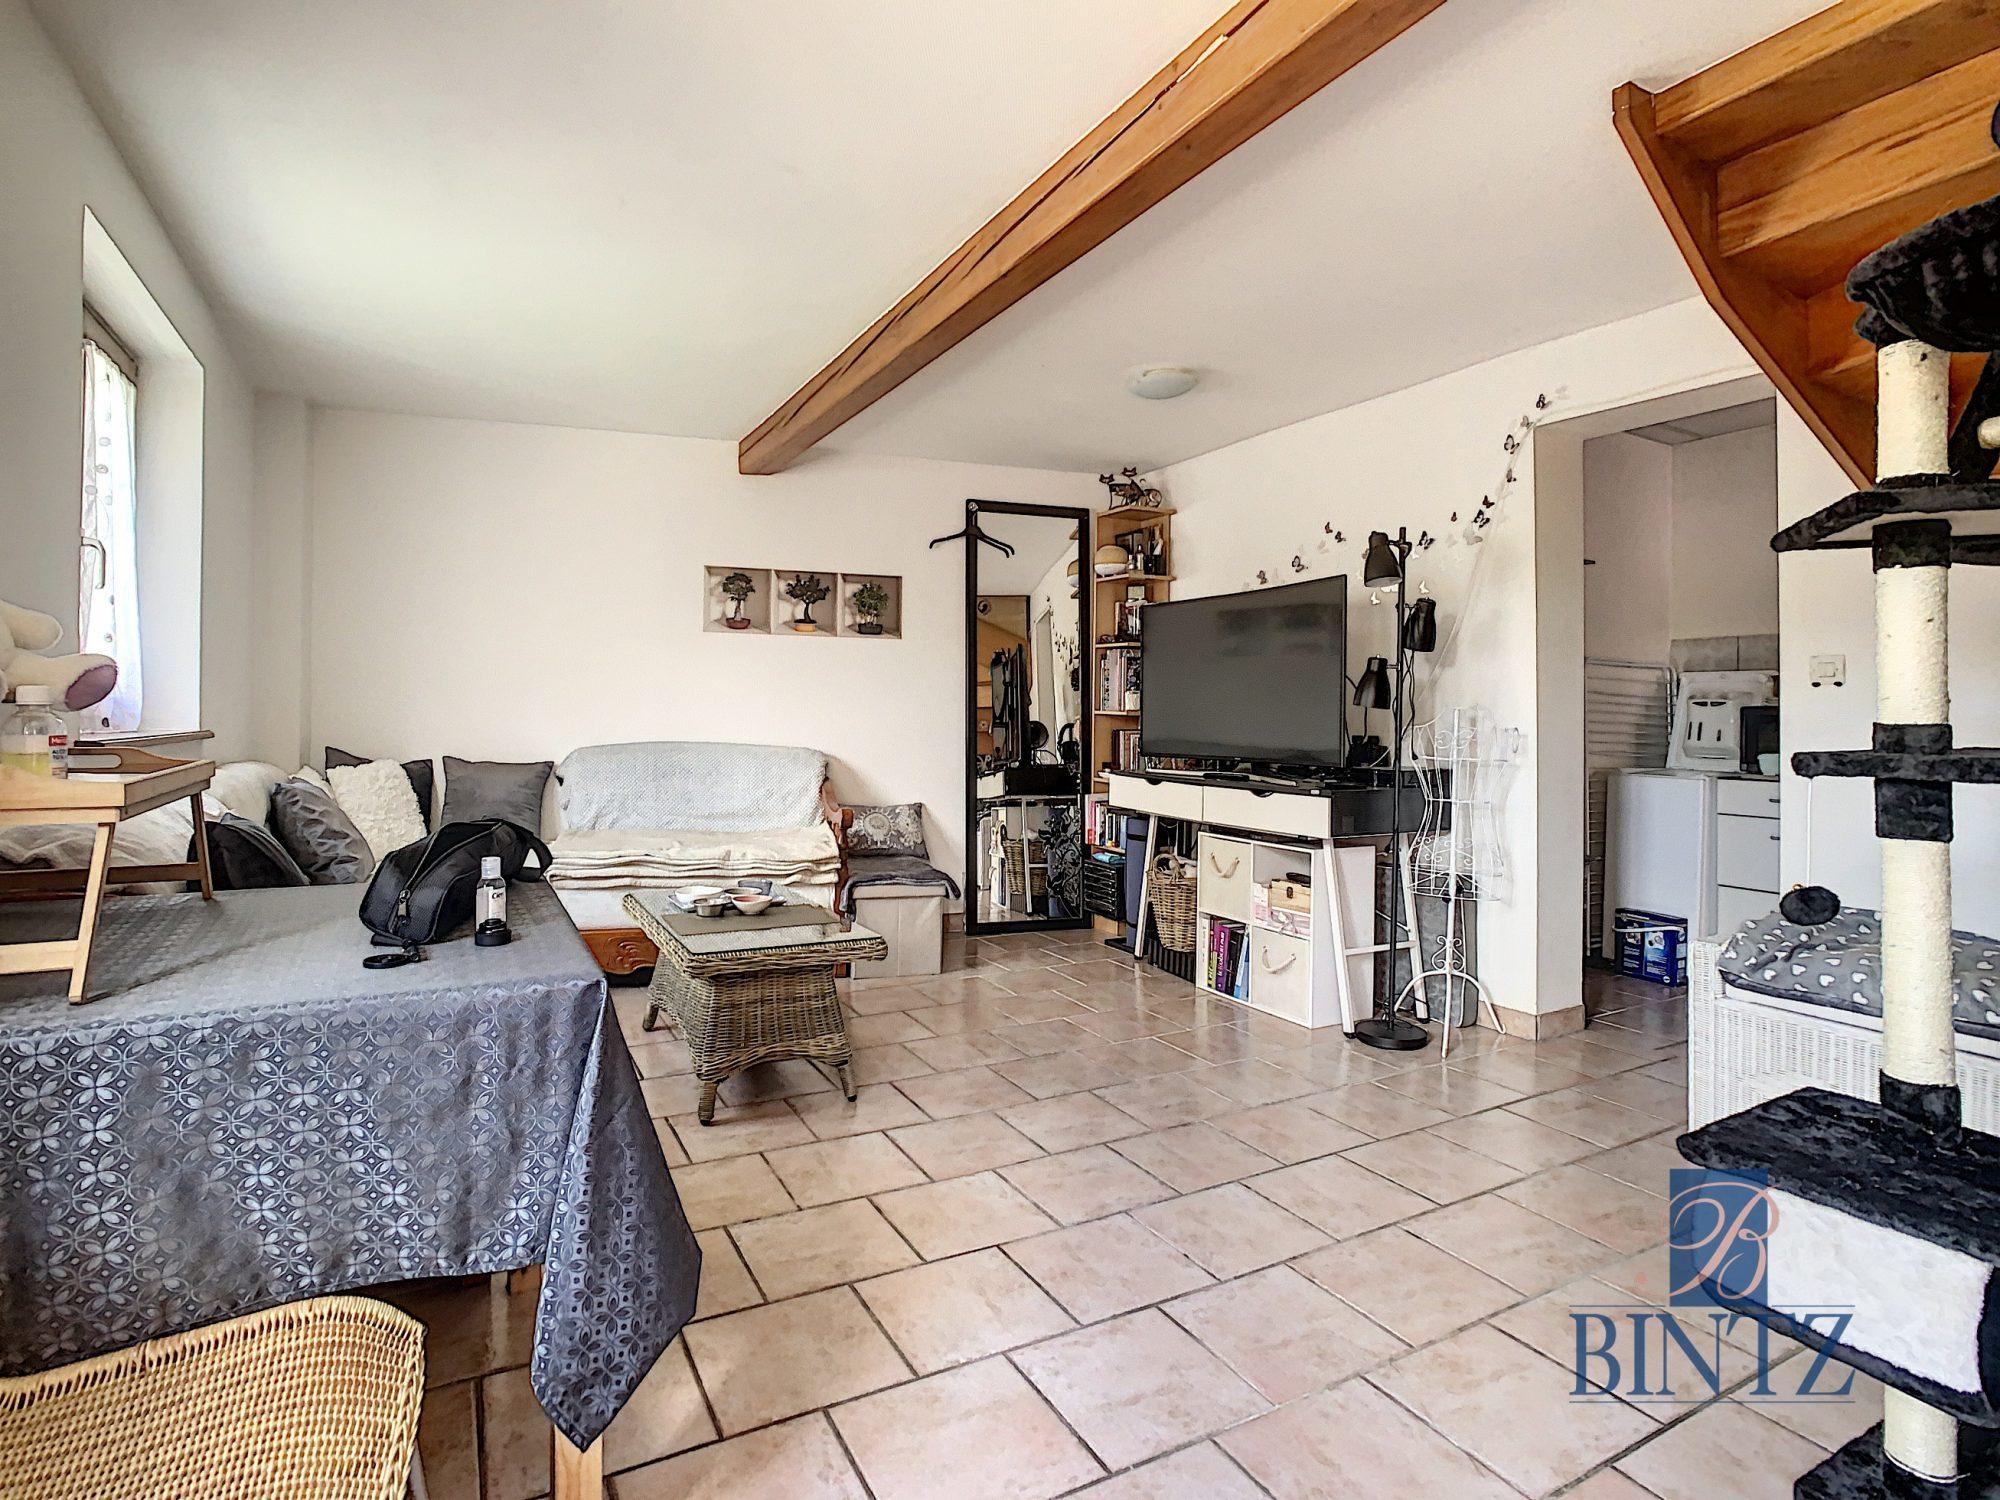 Pour investisseur : maison 2 pièces louée, avec garage fermé - Devenez propriétaire en toute confiance - Bintz Immobilier - 2